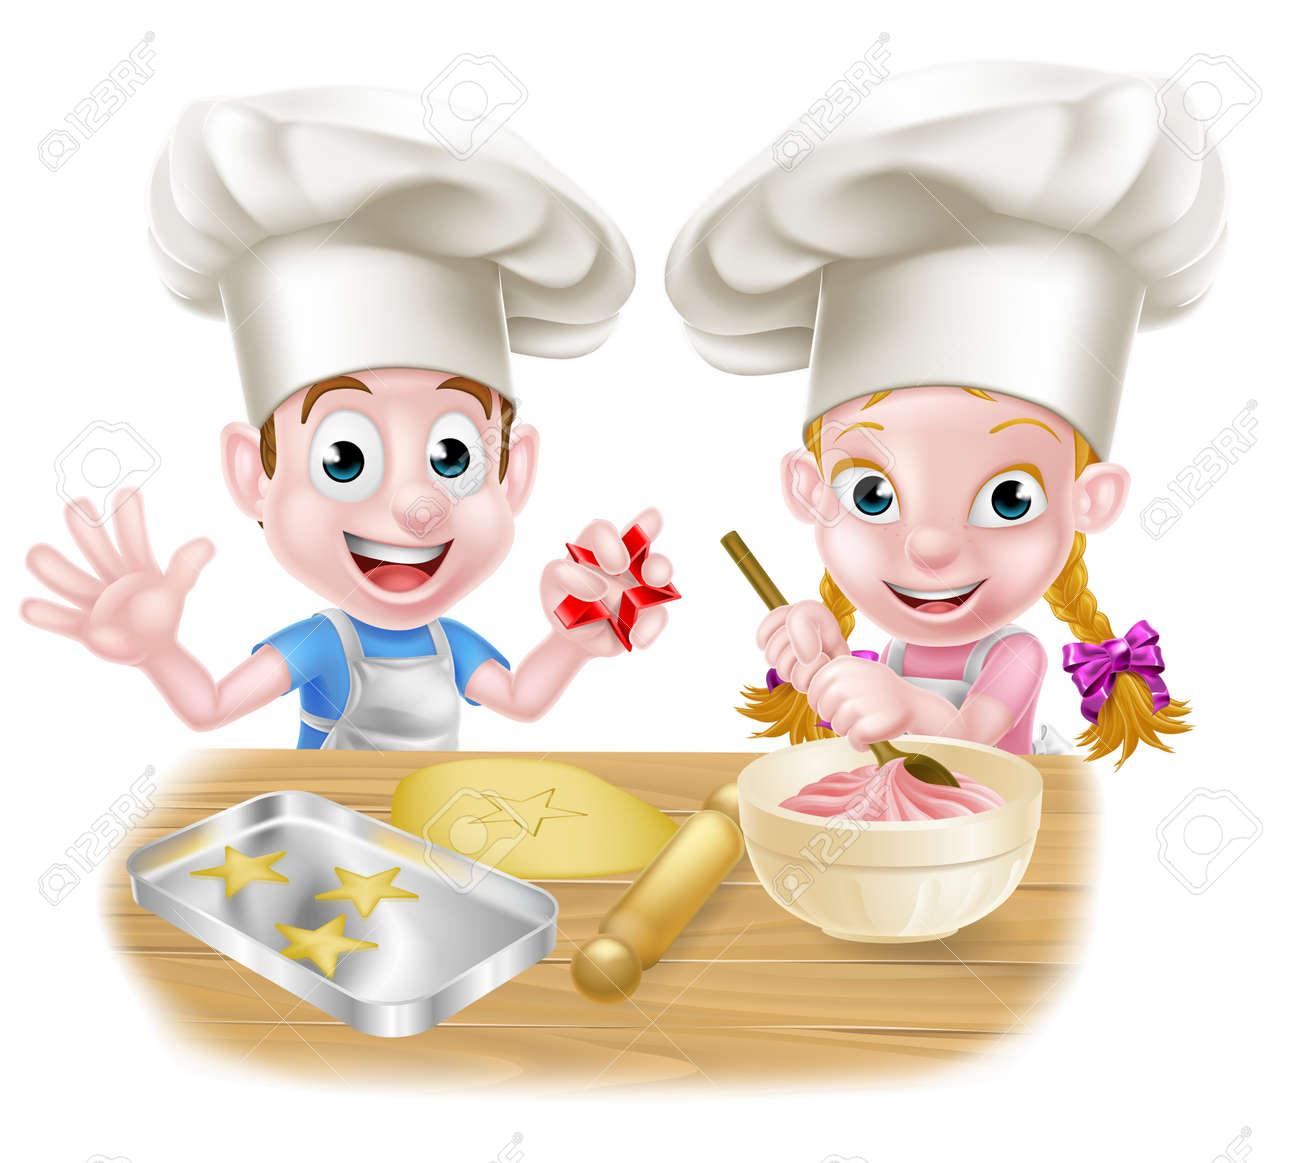 Cartoon Chef Kinder Kuchen Und Platzchen Backen Lizenzfrei Nutzbare